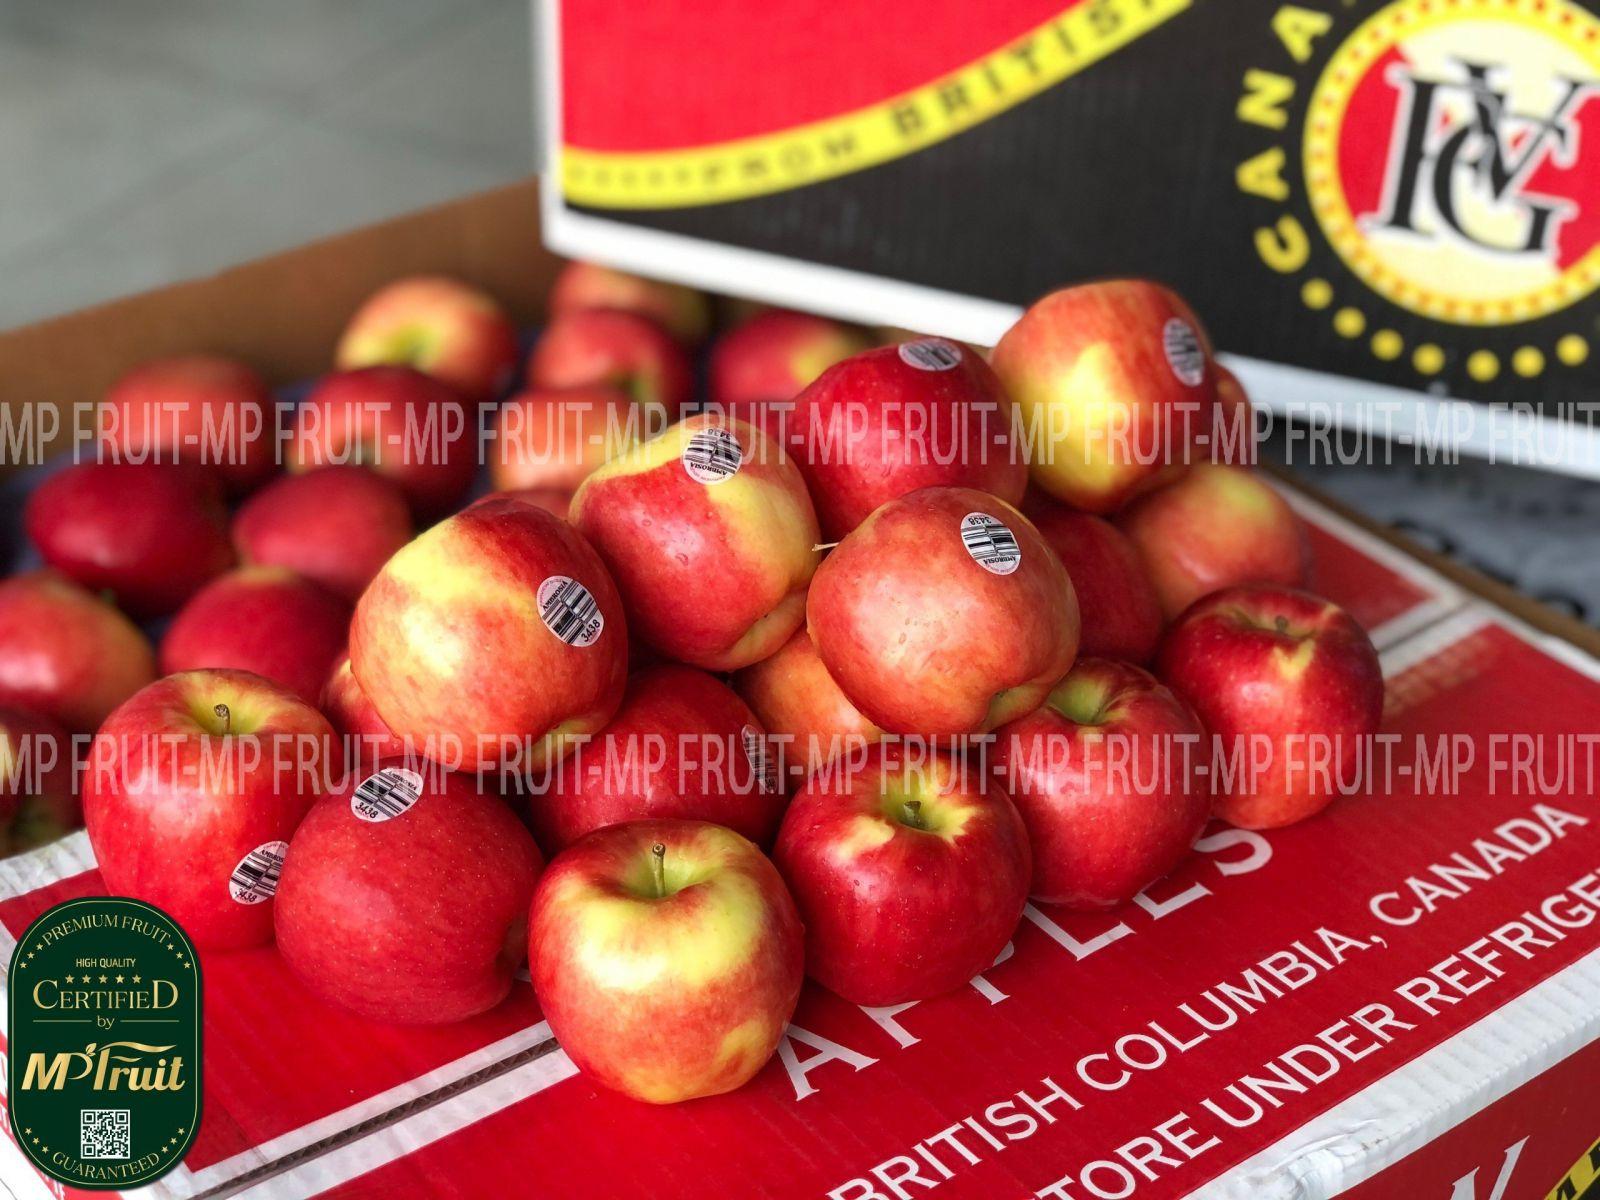 Táo Ambrosia Canada tại MP Fruits